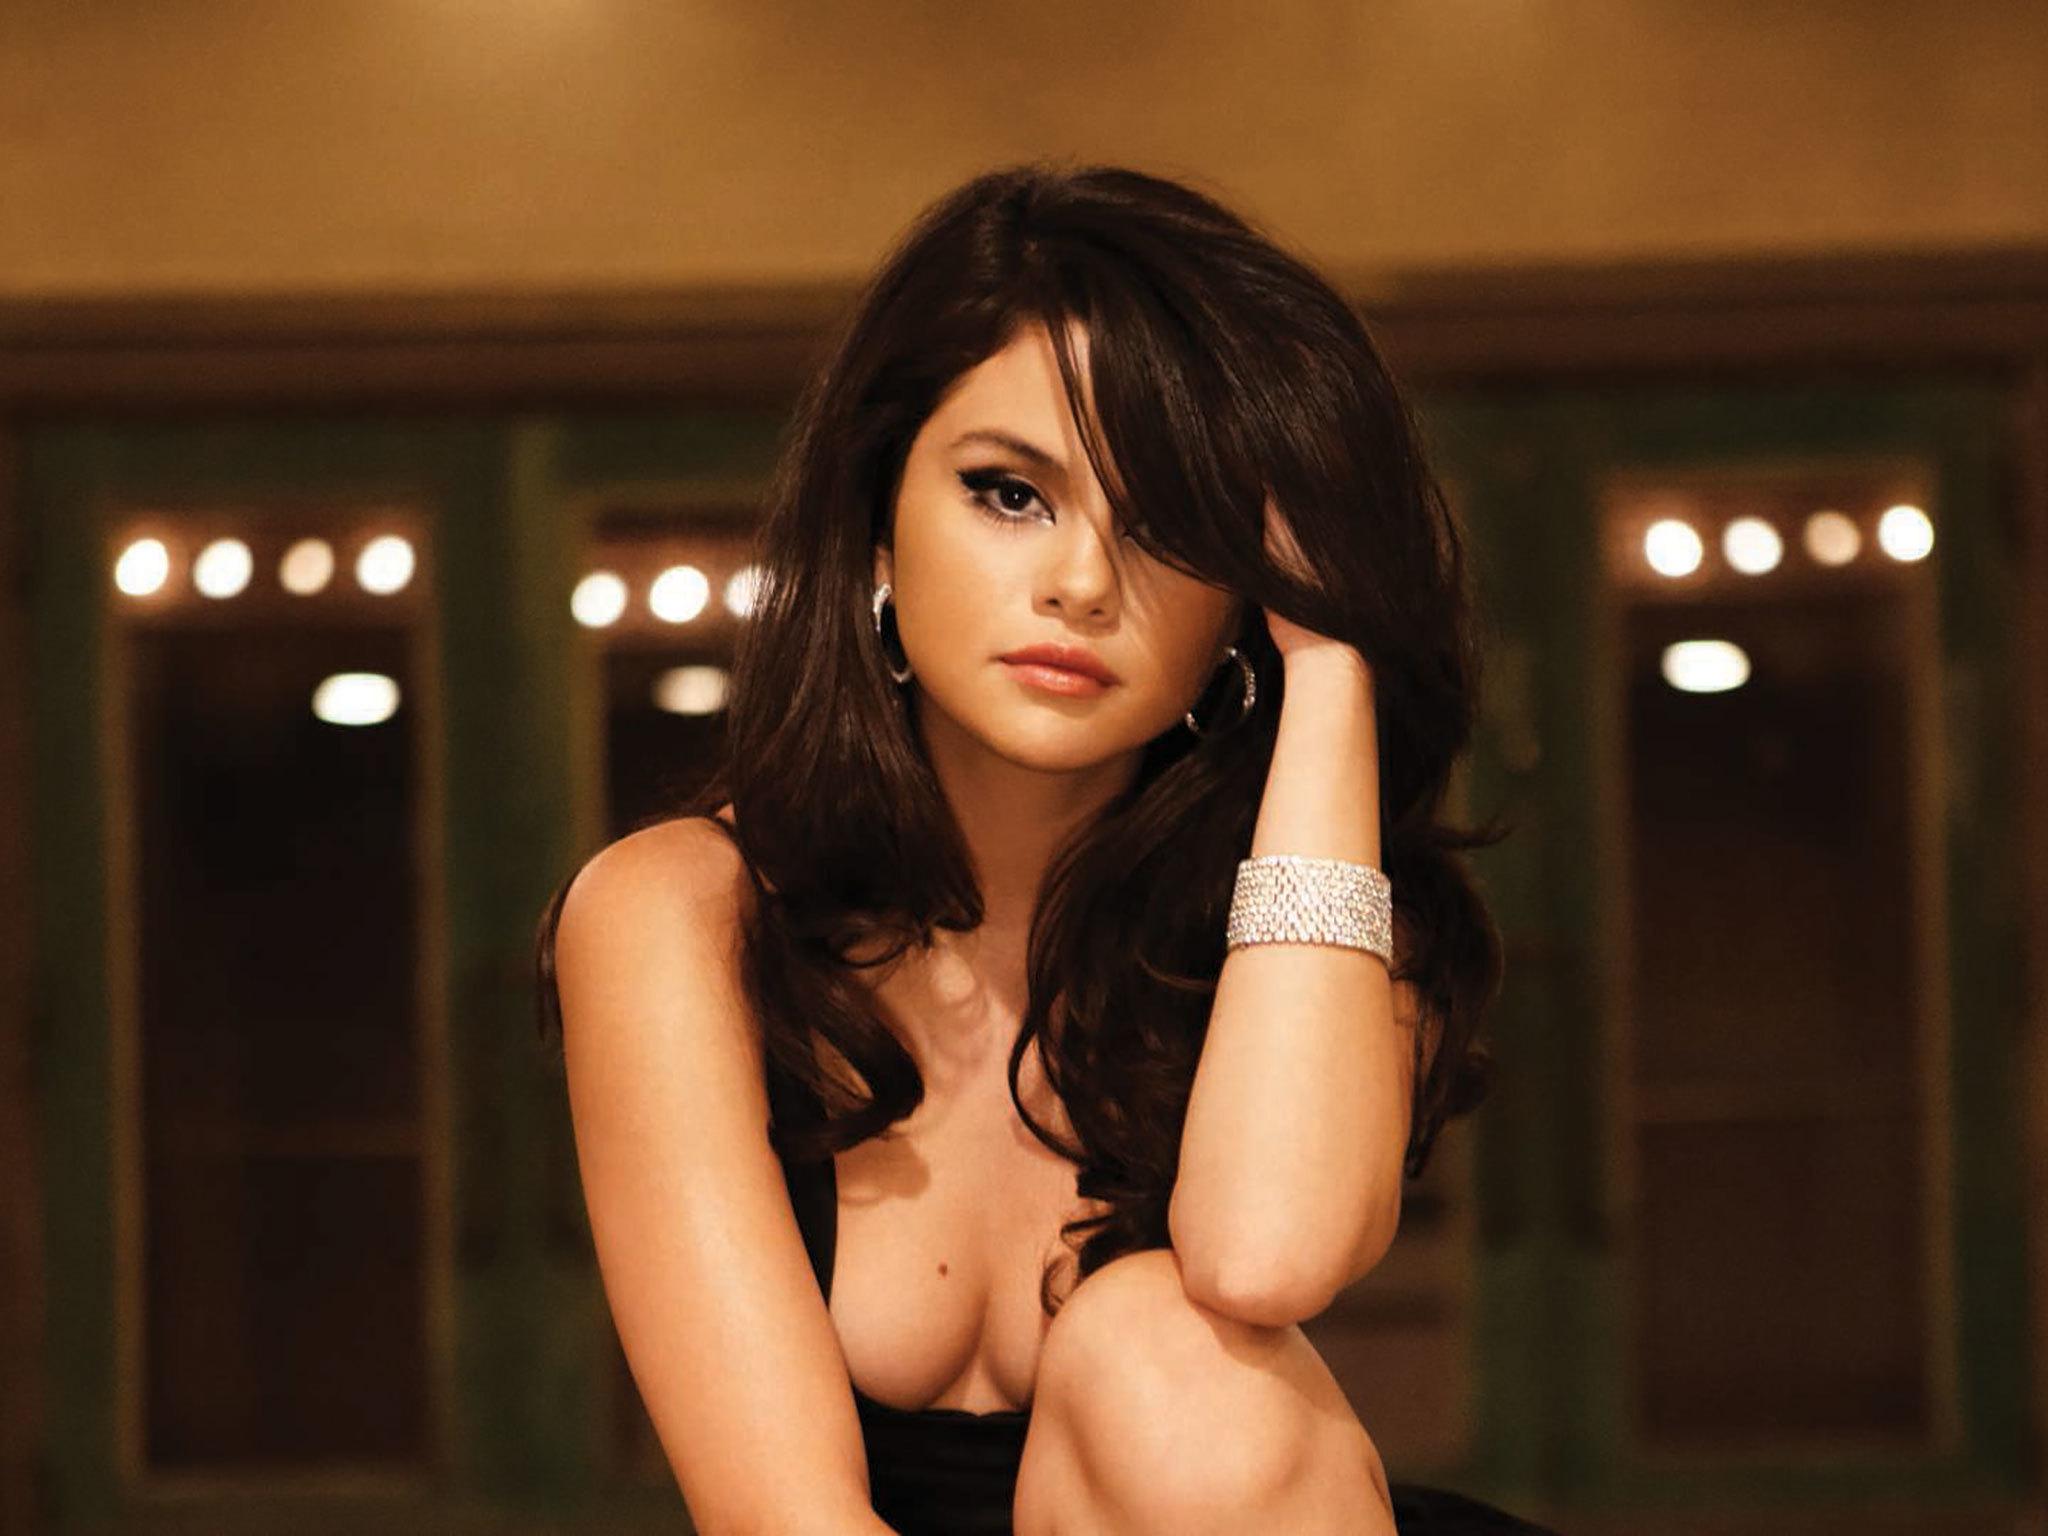 Spotlight on Selena Gomez